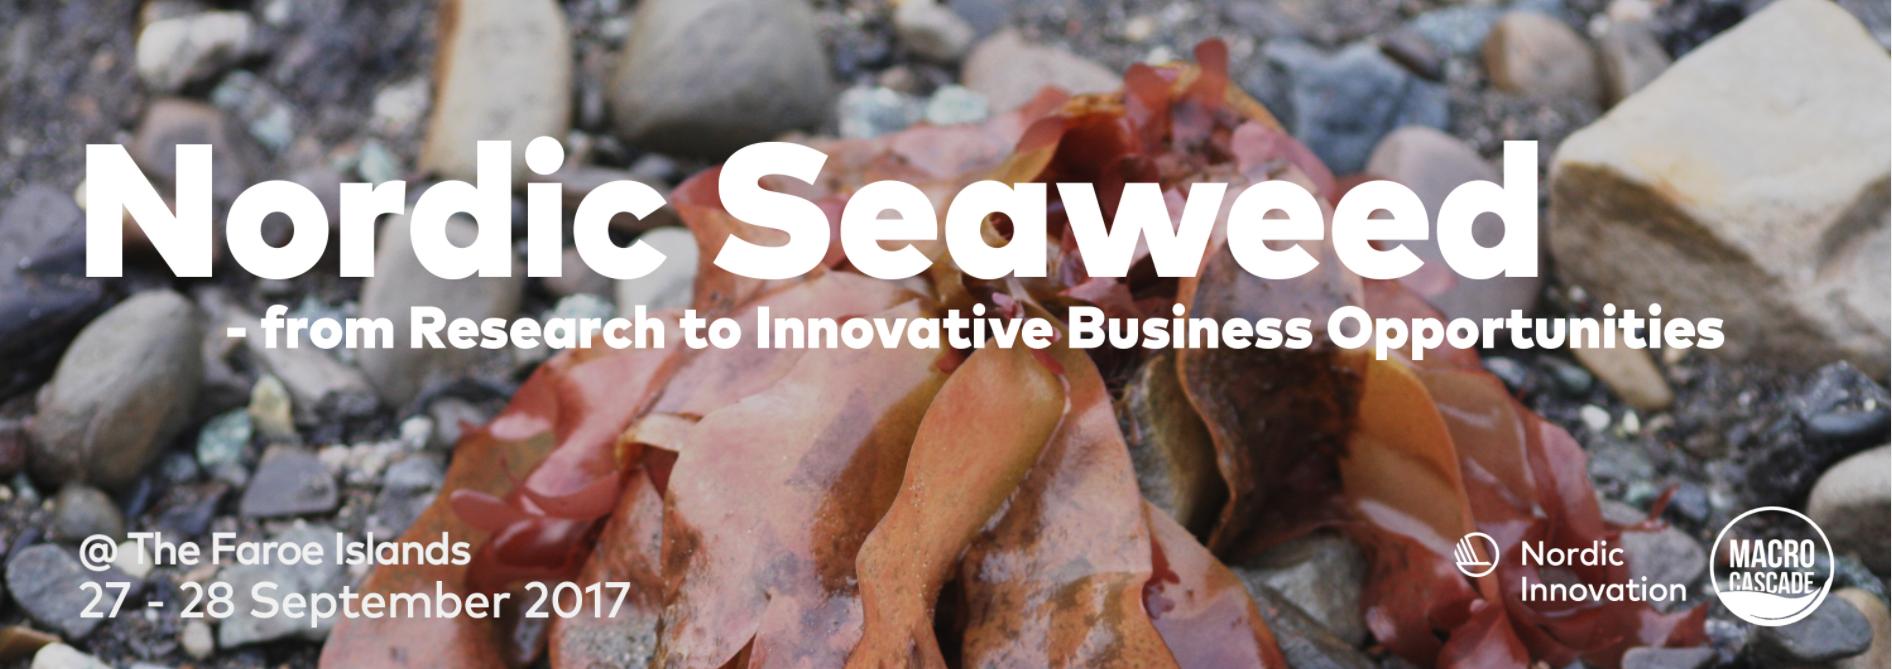 Nordic Seaweed.png